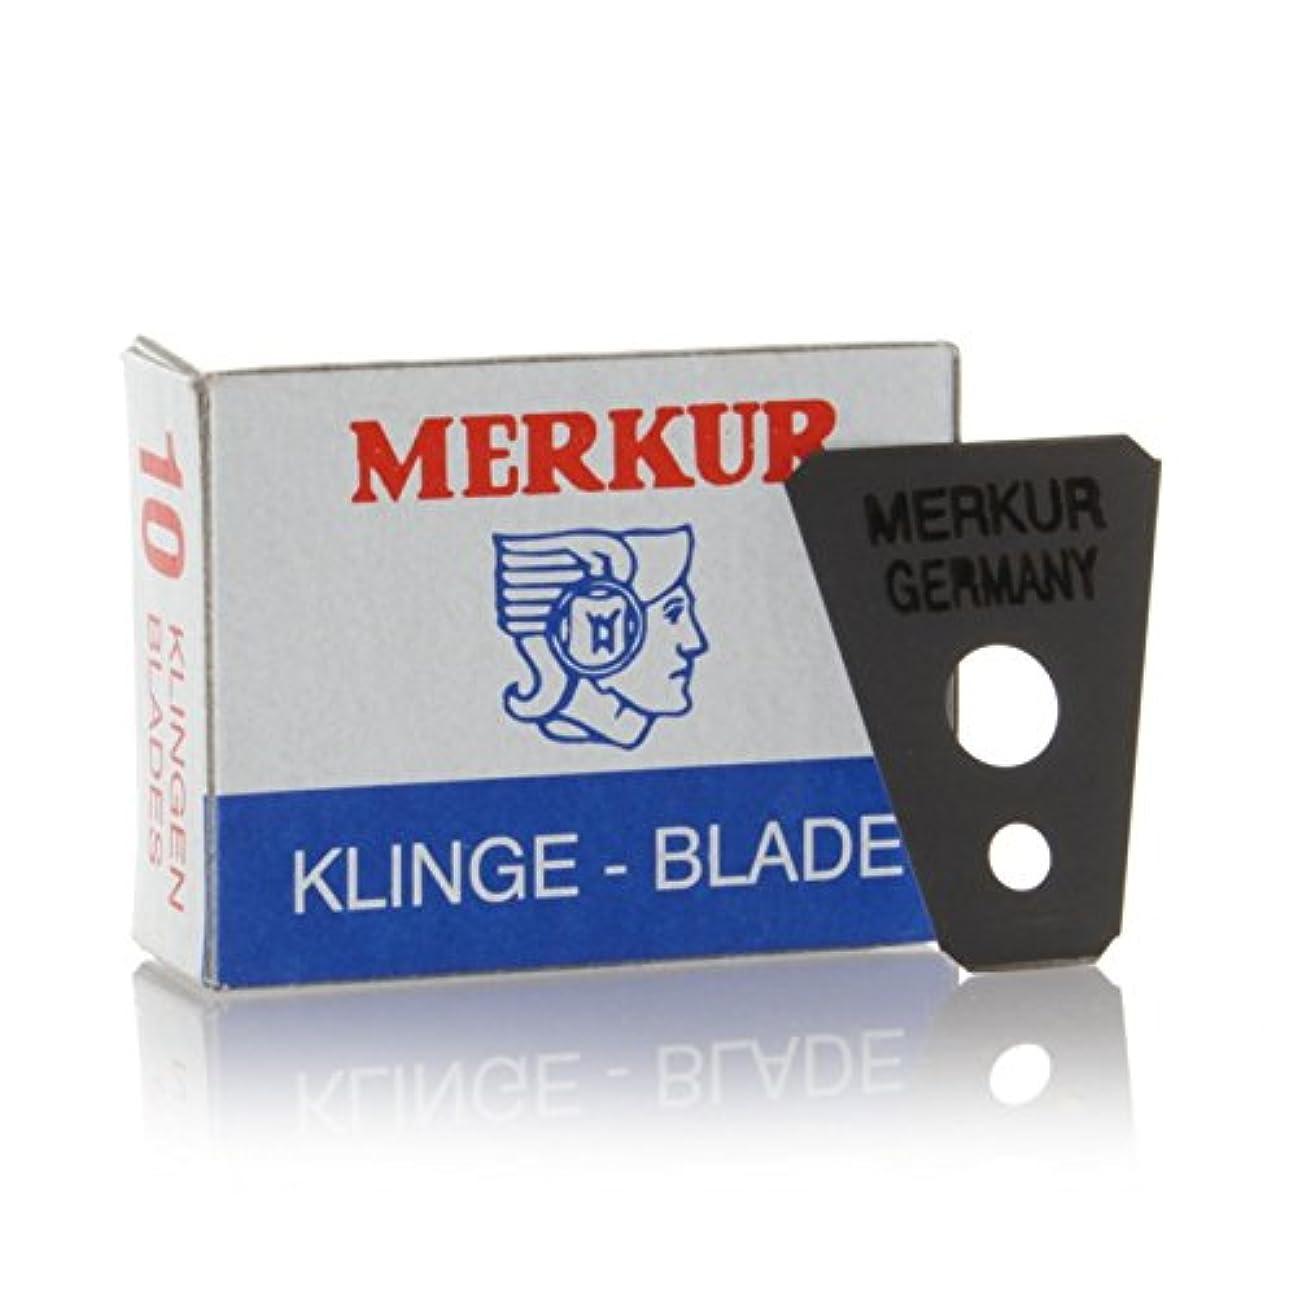 保険をかける遠征見捨てるMERKUR Solingen - Razor blades for moustache shaver, 10 pieces, 90908100